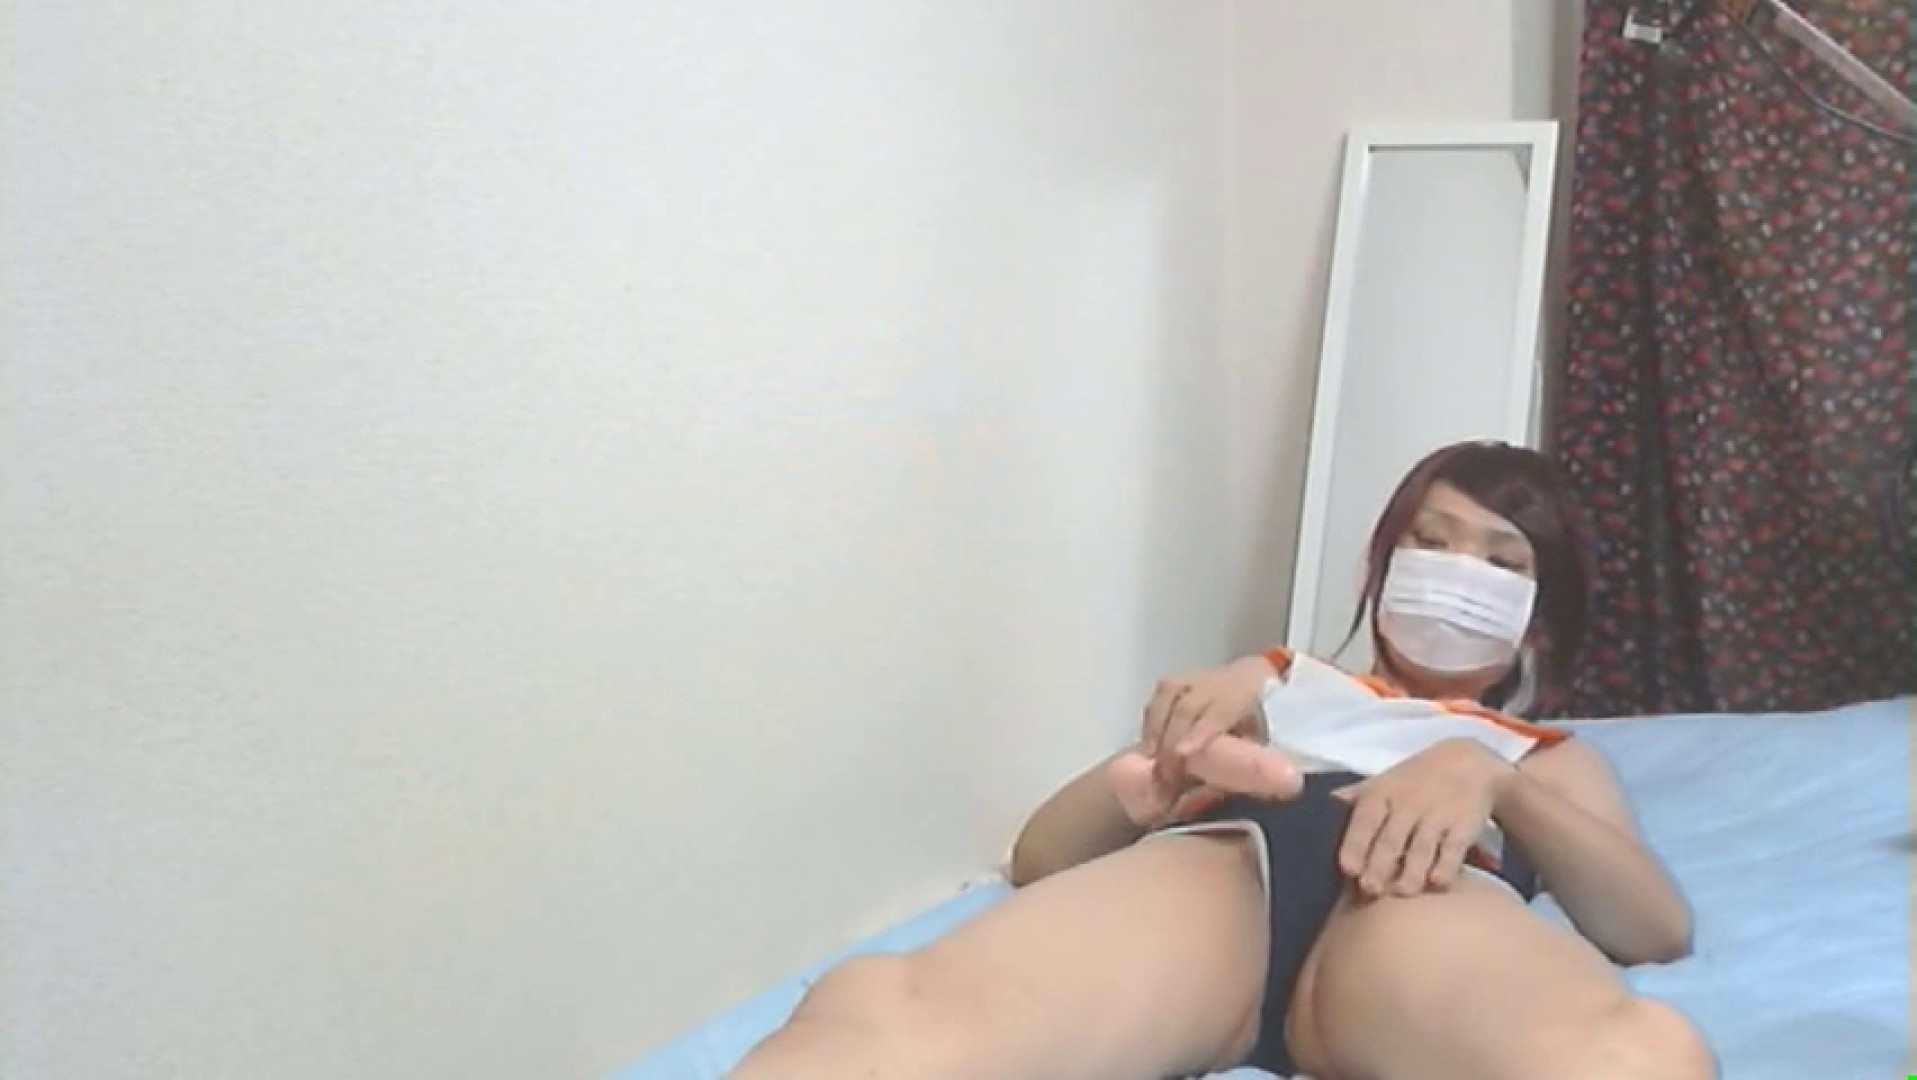 男のKOスプレー!Vol.14 イケメン・パラダイス ゲイアダルトビデオ画像 108画像 3